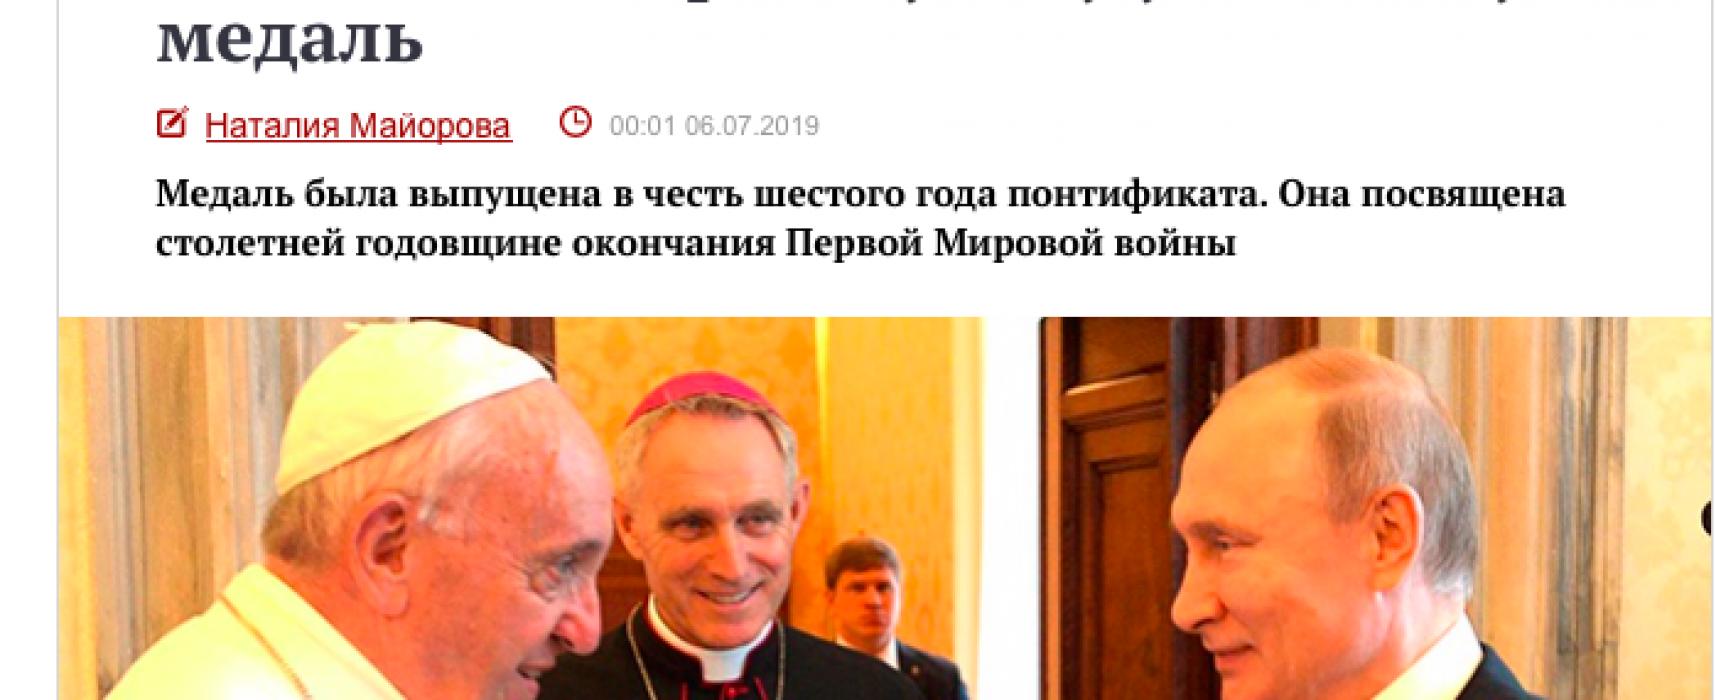 """Фейк: Папа Римский вручил Путину медаль """"Ангел-хранитель мира"""""""